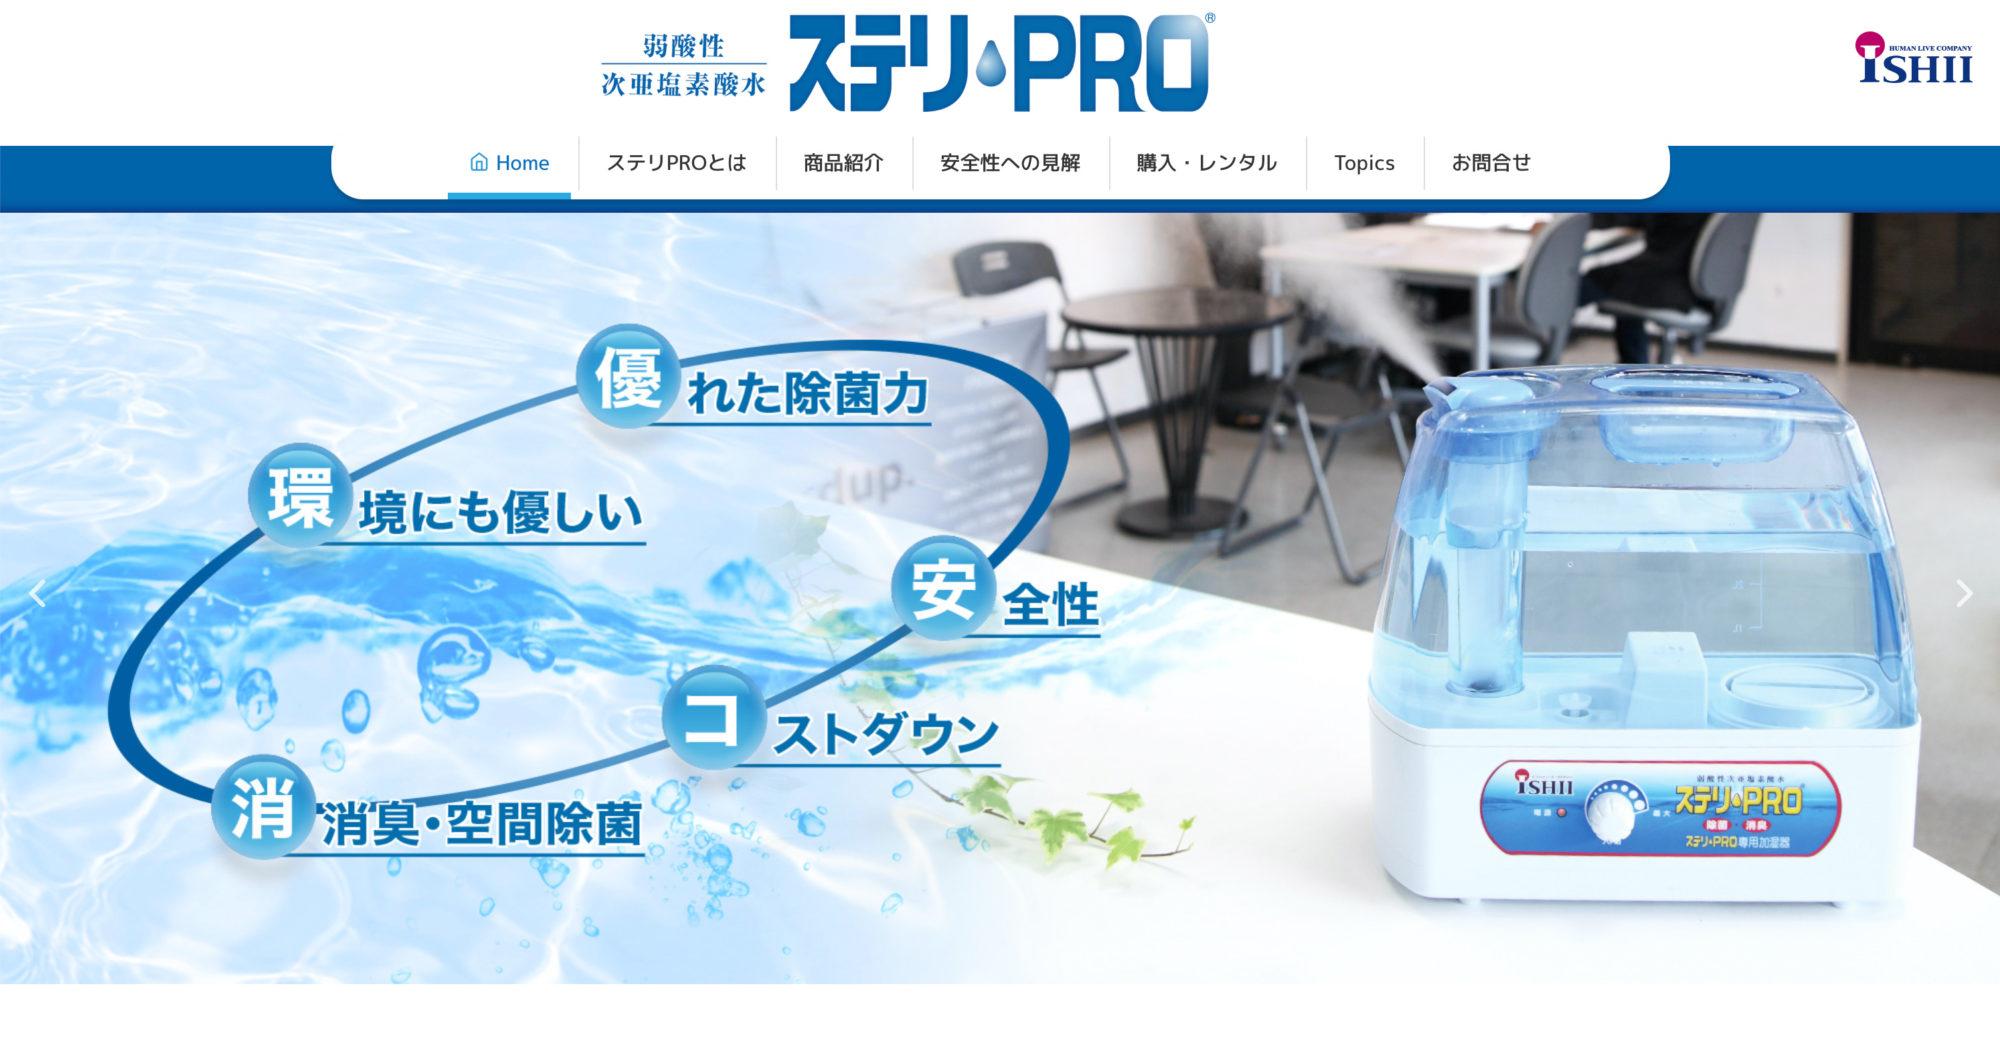 ステリ・PRO WEBオープン